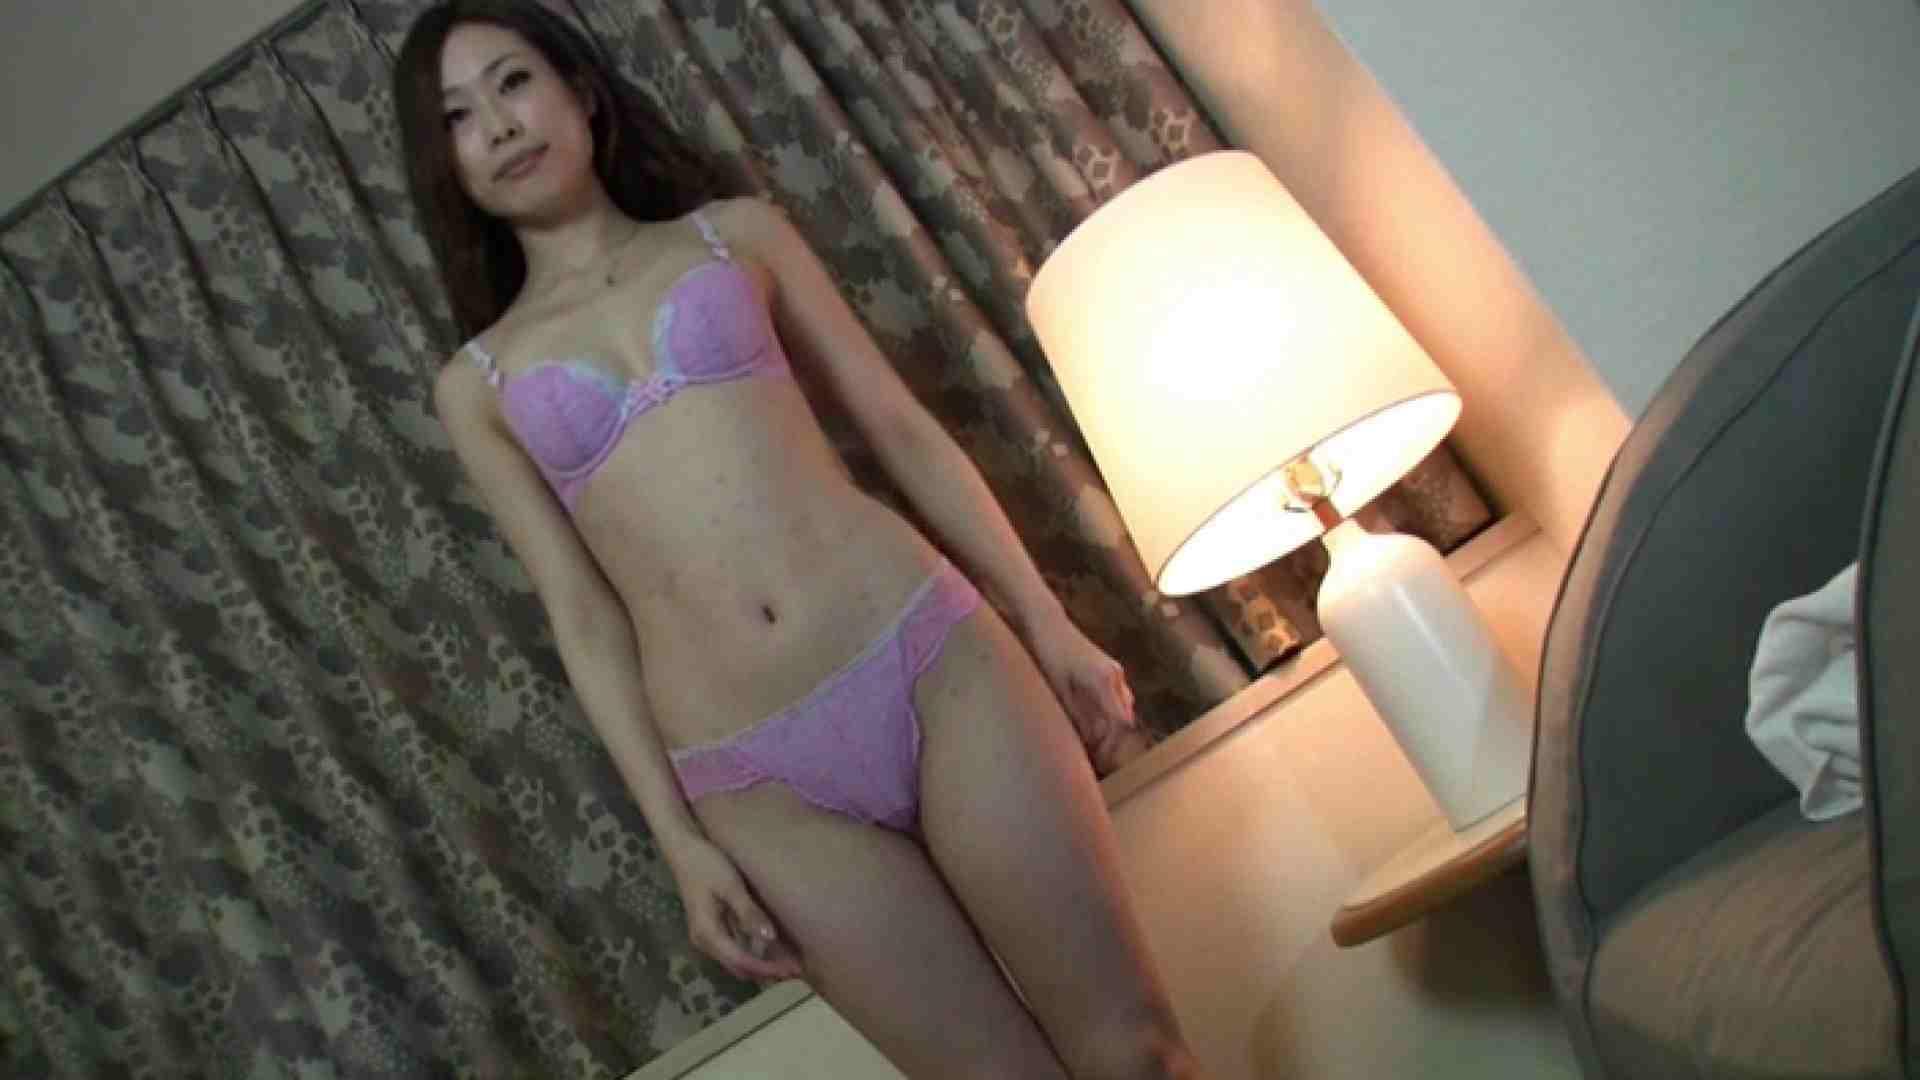 おしえてギャル子のH塾 Vol.34前編 手マンギャル 盗み撮り動画キャプチャ 103連発 19